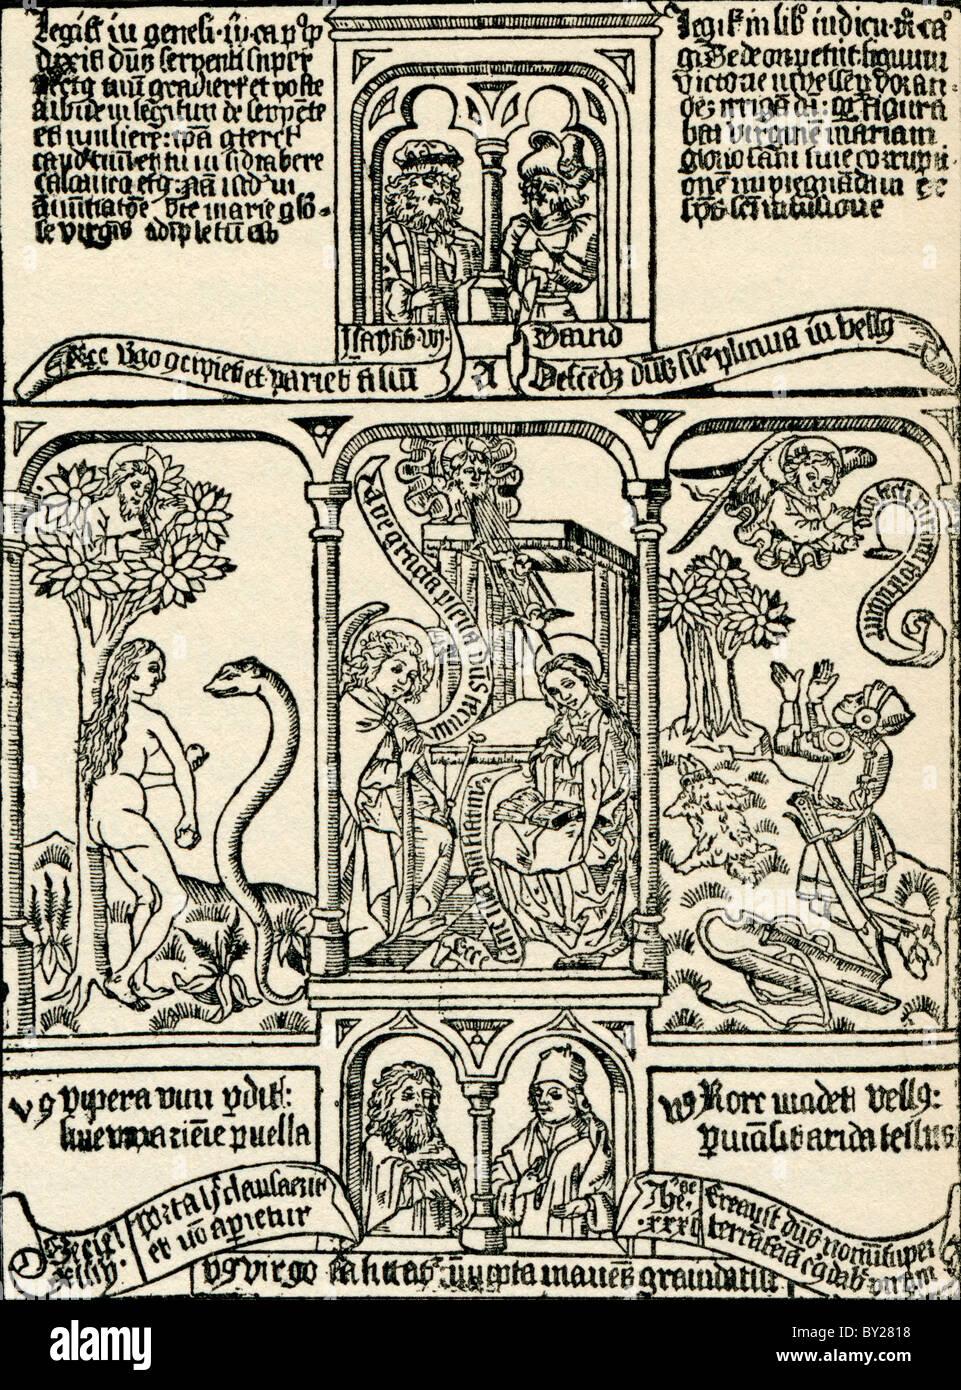 Biblische Darstellungen. Aus Geschichte van Nederland veröffentlicht 1936. Stockbild